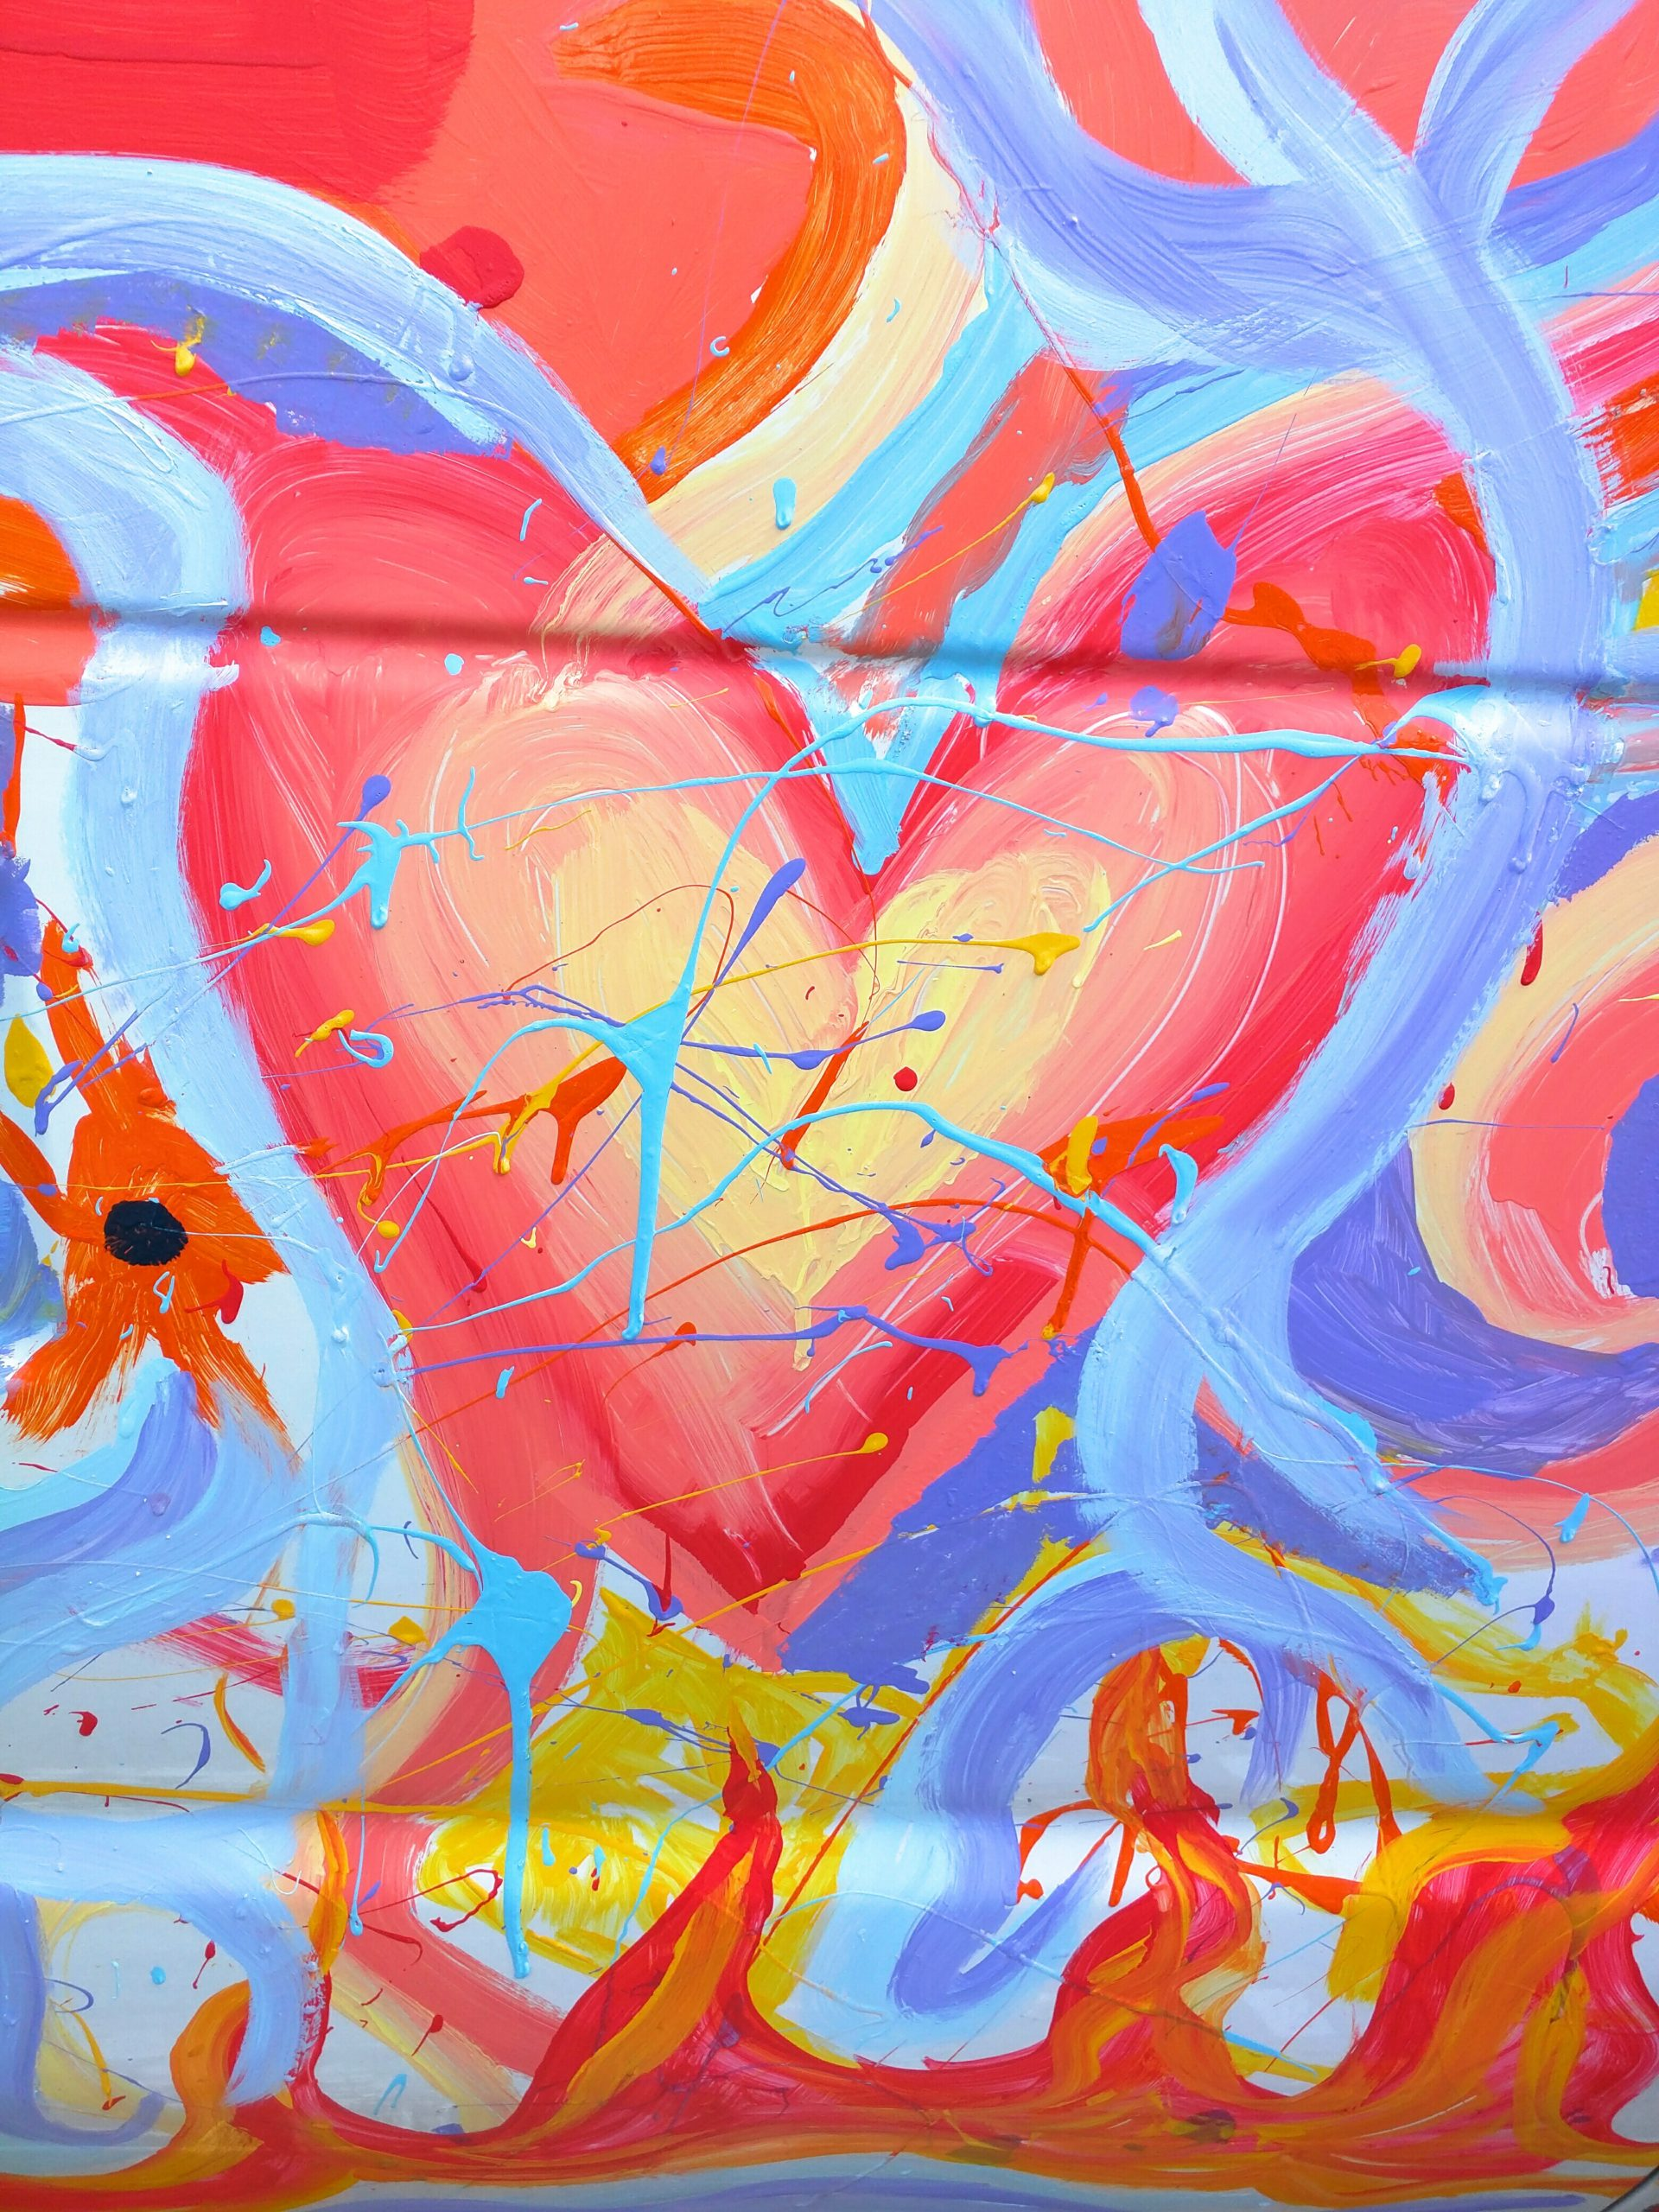 Heartonvan